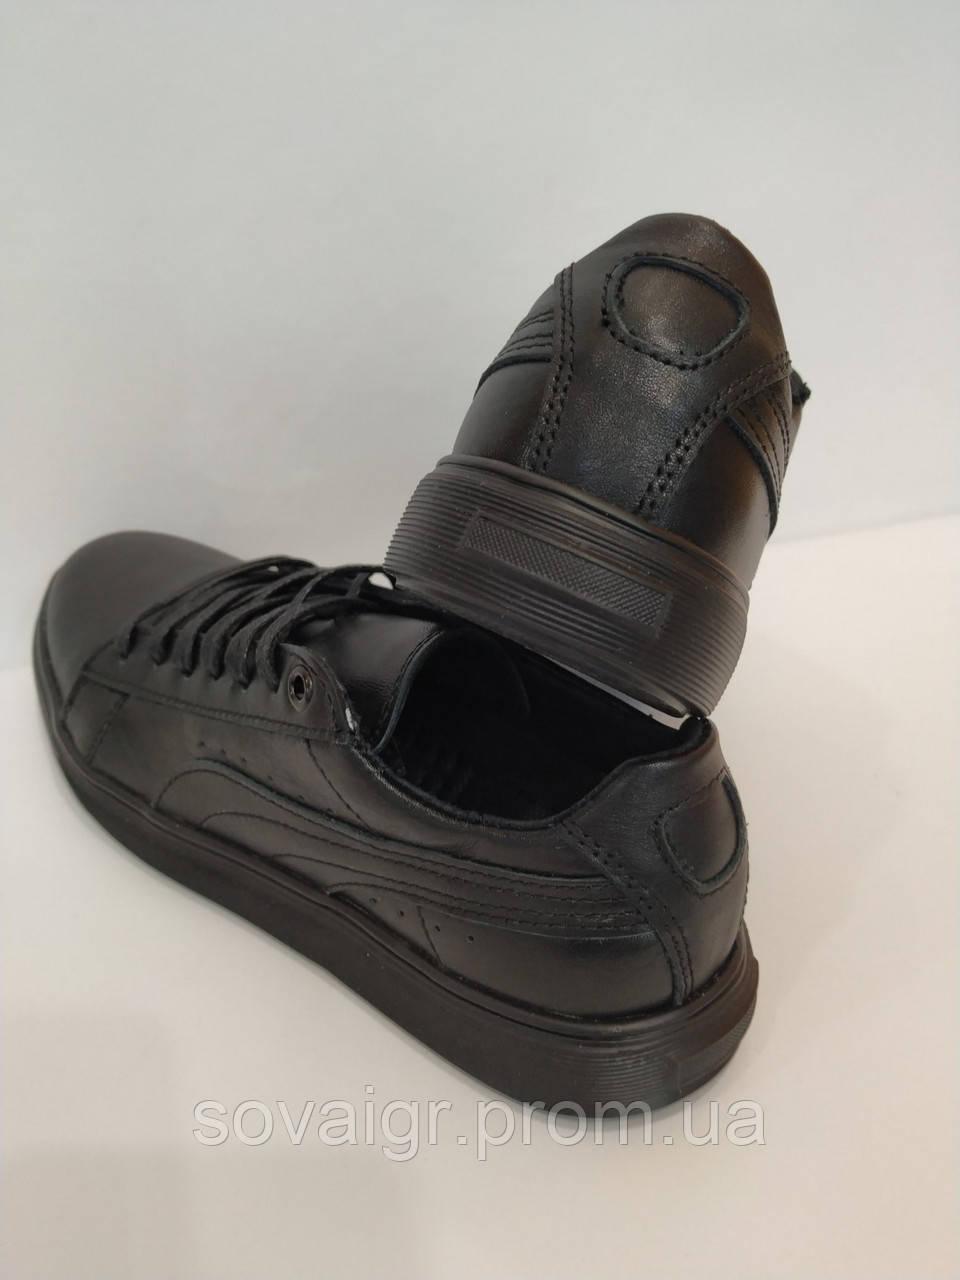 Подростковые кожаные черные кеды Teens